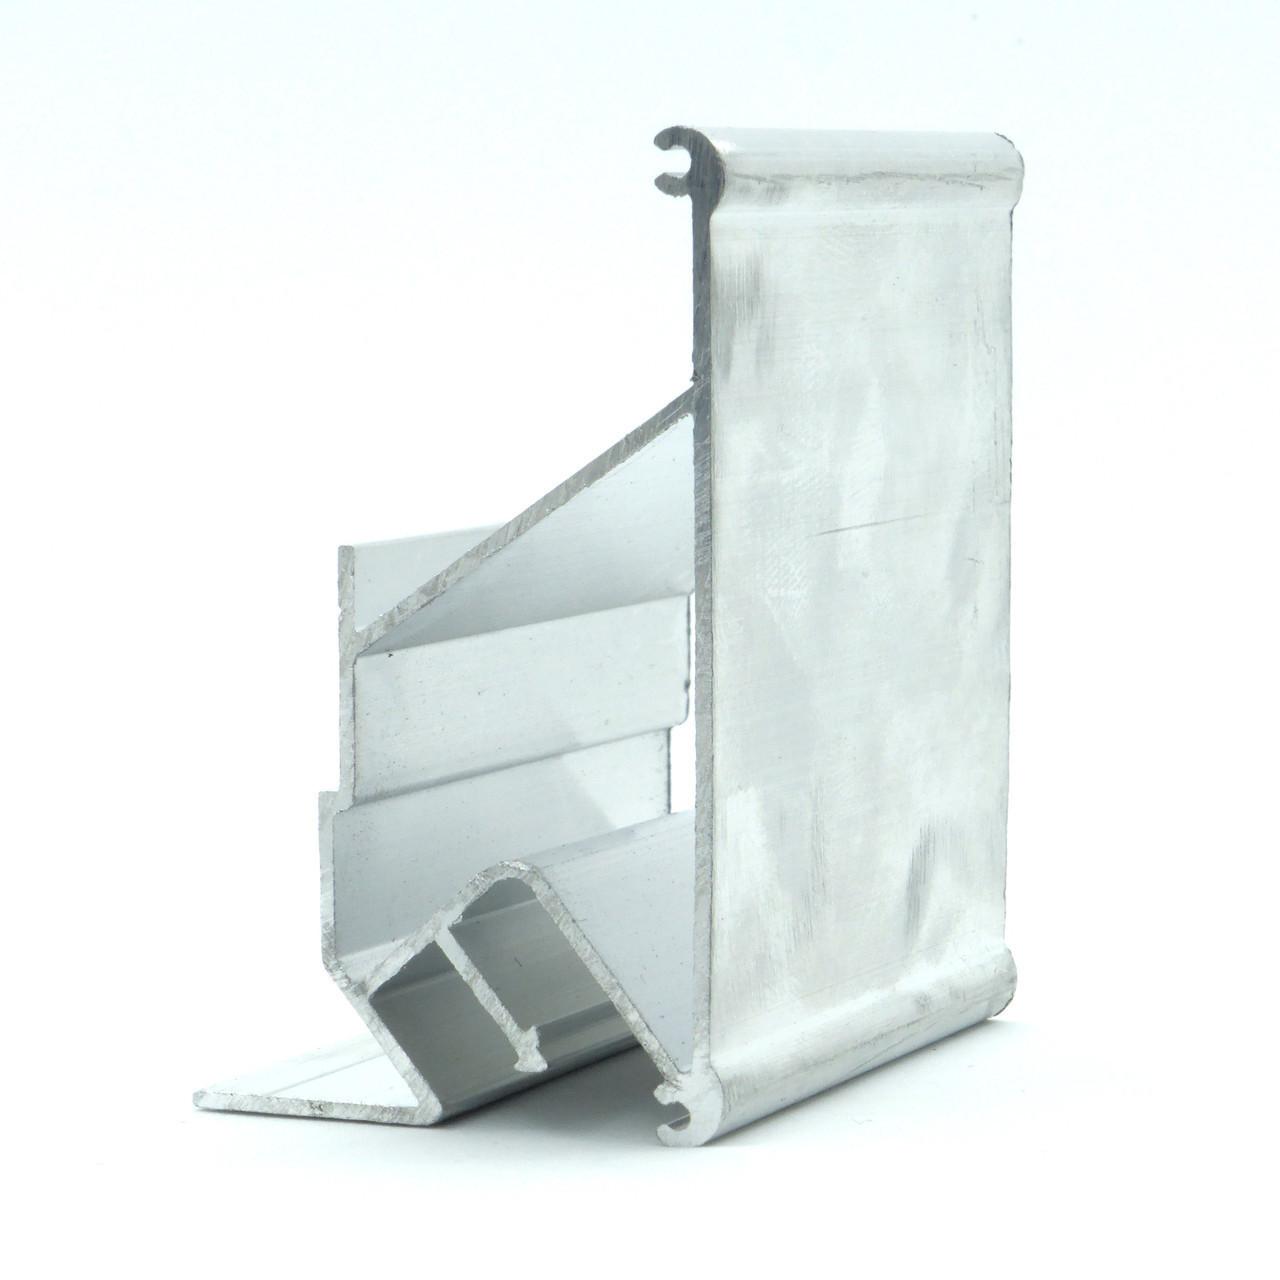 Профиль алюминиевый - двухуровневый №3, безщелевой. Длина профиля 2,5 м.